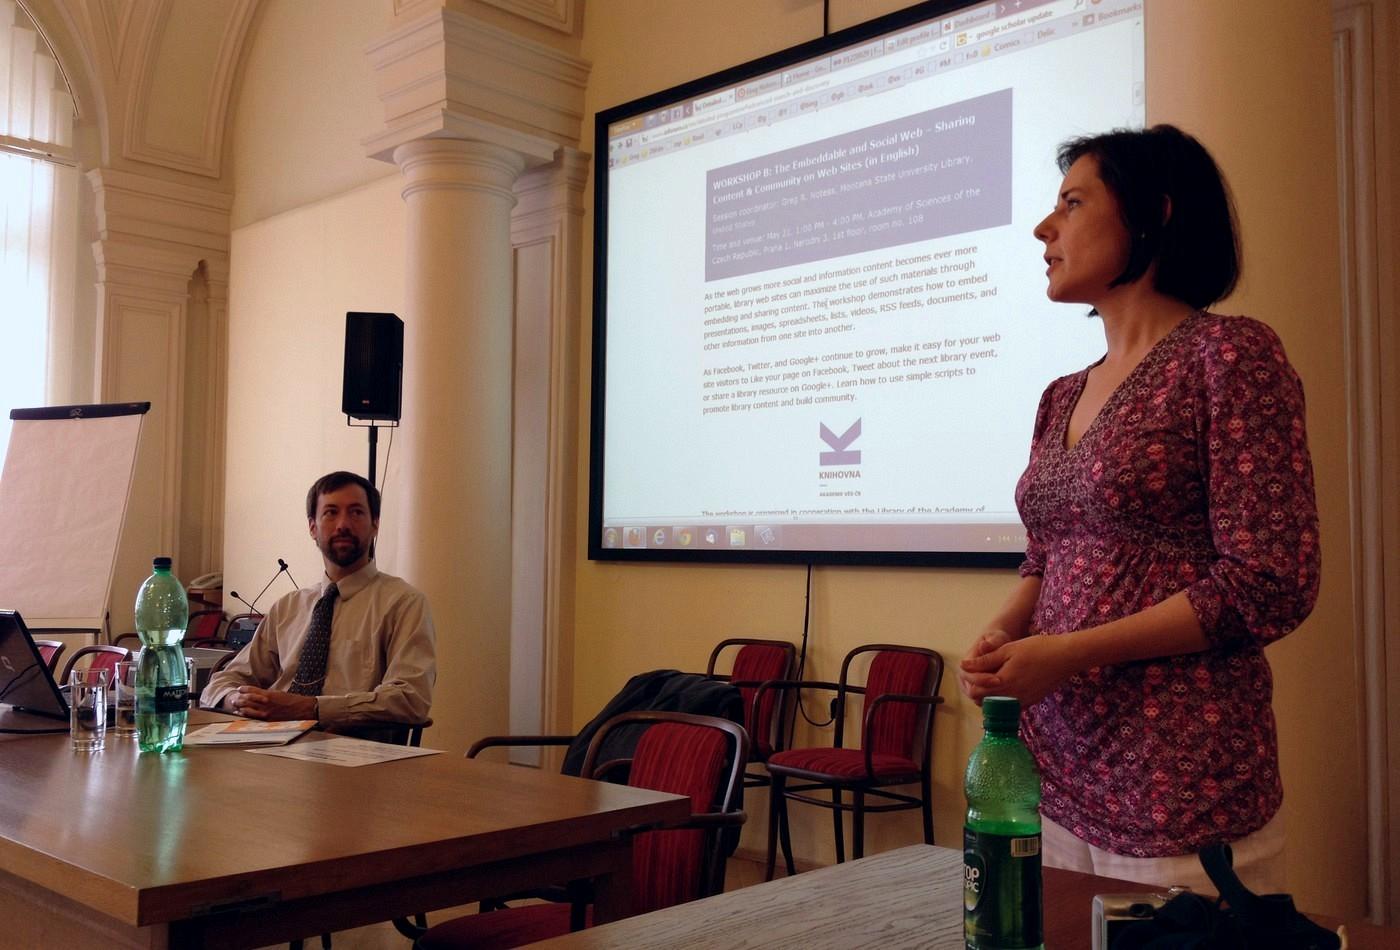 Jana Machonská z AIP vítá účastníky a předává slovo vedoucímu workshopu